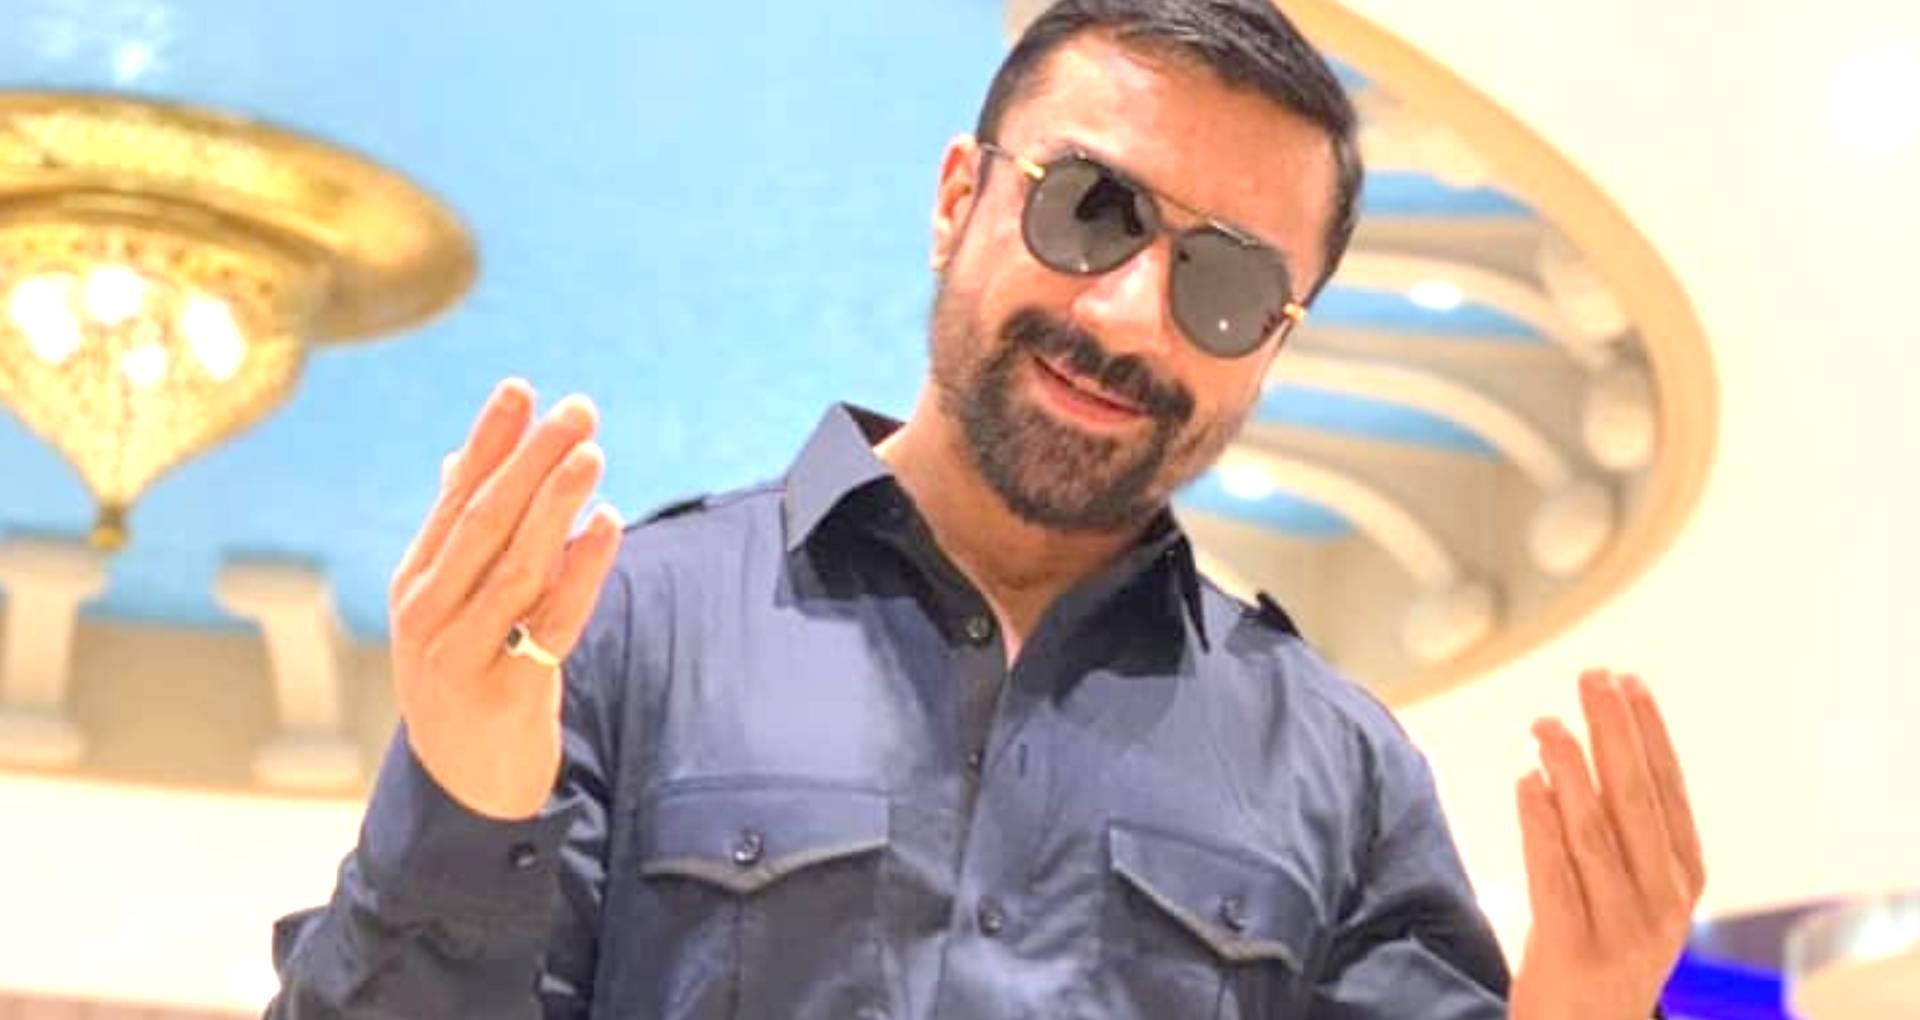 बिग बॉस फेम एजाज खान के बदले सुर, जेल से निकलने के बाद इस वजह से की पीएम नरेंद्र मोदी और अमित शाह की तारीफ